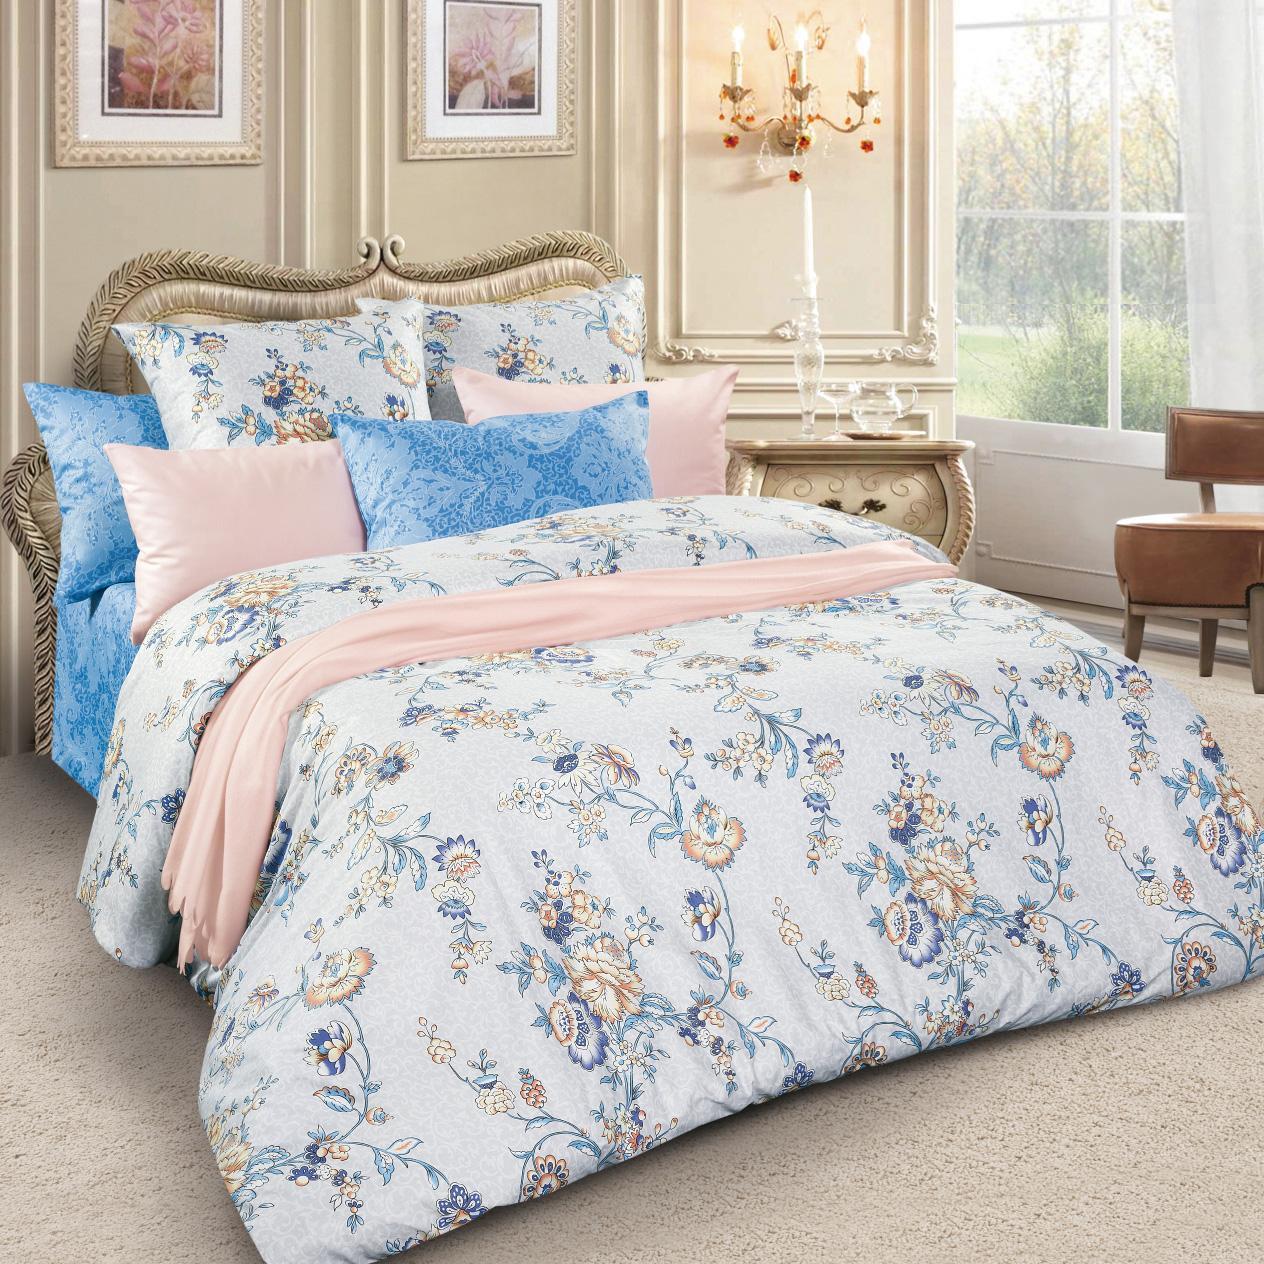 Комплект белья Letto, 1,5-спальный, наволочки 70х70, цвет: серый, голубой. sm62-34630003364517Спокойная классика в сатиновом исполнении - залог комфорта и гармонии цвета в вашей спальни. Дополните свою спальню актуальным принтом от европейских дизайнеров! Это отличный подарок любителям модных трендов в цвете и дизайне.Комплект выполнен из сатина, который заслужено считается благородной тканью для постельного белья. Сатину свойственна практичность, долговечность, мягкость и изысканный блеск, такая ткань прекрасно впитывает влагу во время сна, комфортна на ощупь и не требует особого ухода. Серия Letto Сатин – это современные дизайны в европейской стилистике, которые прекрасно дополнят Вашу спальню. Обращаем внимание, что наволочки могут отличаться от представленных на фотографии. Также может отличаться и оттенок комплекта из-за разницы в цветопередаче мониторов.